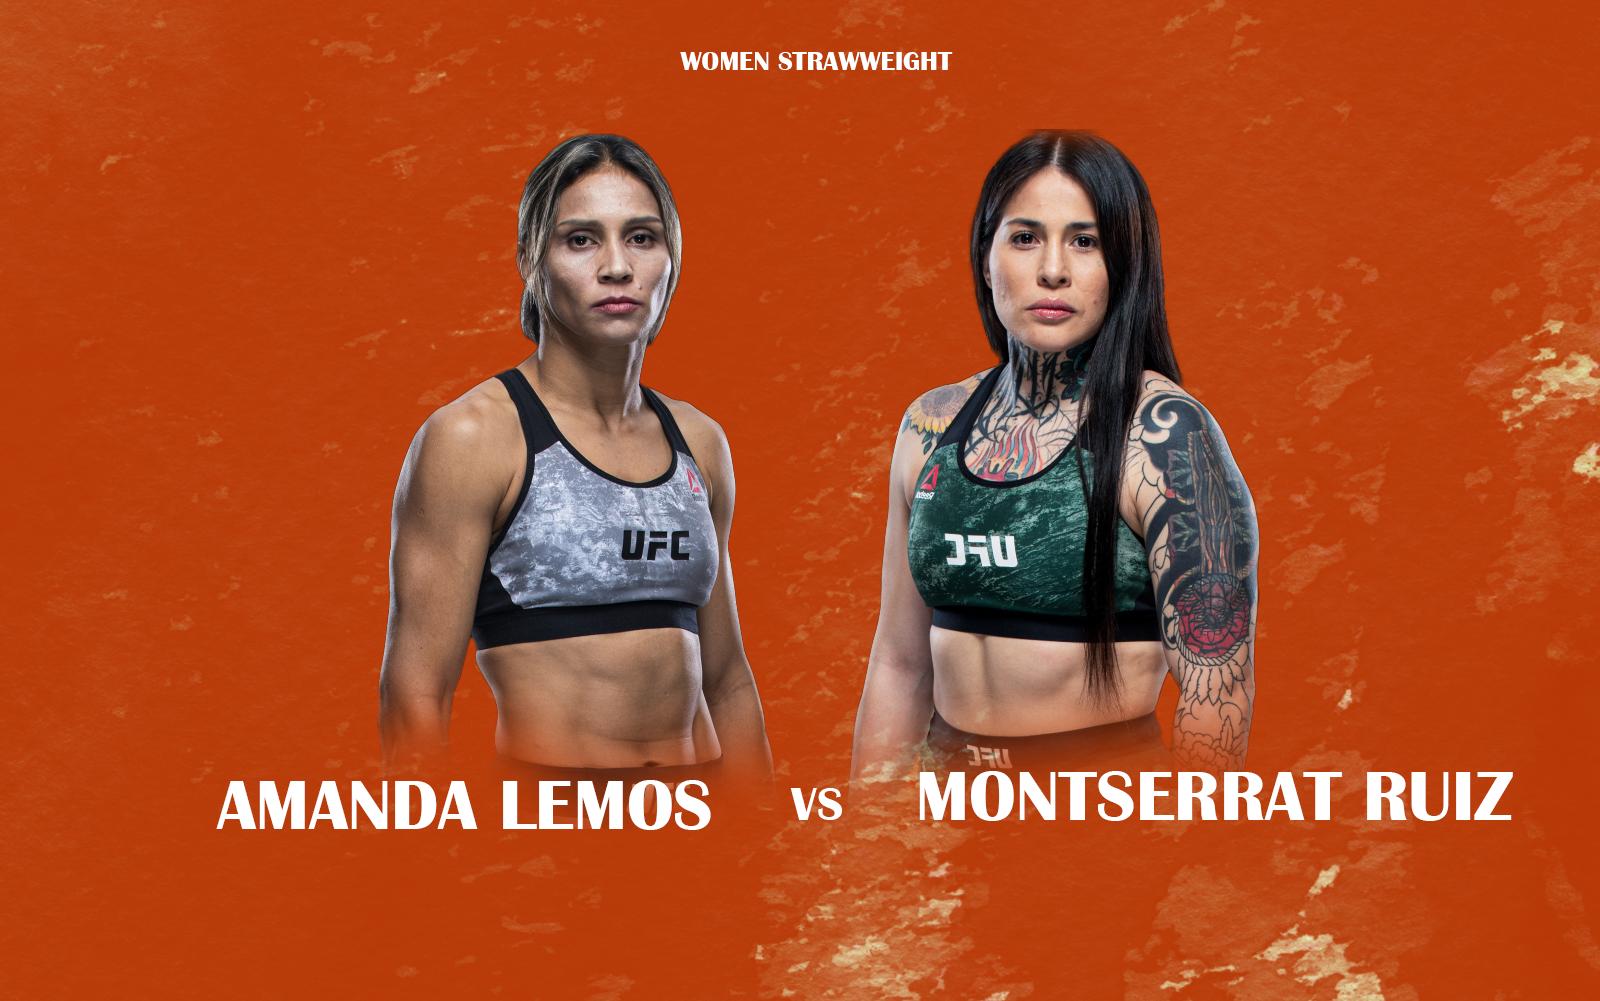 Amanda Lemos vs Montserrat Ruiz